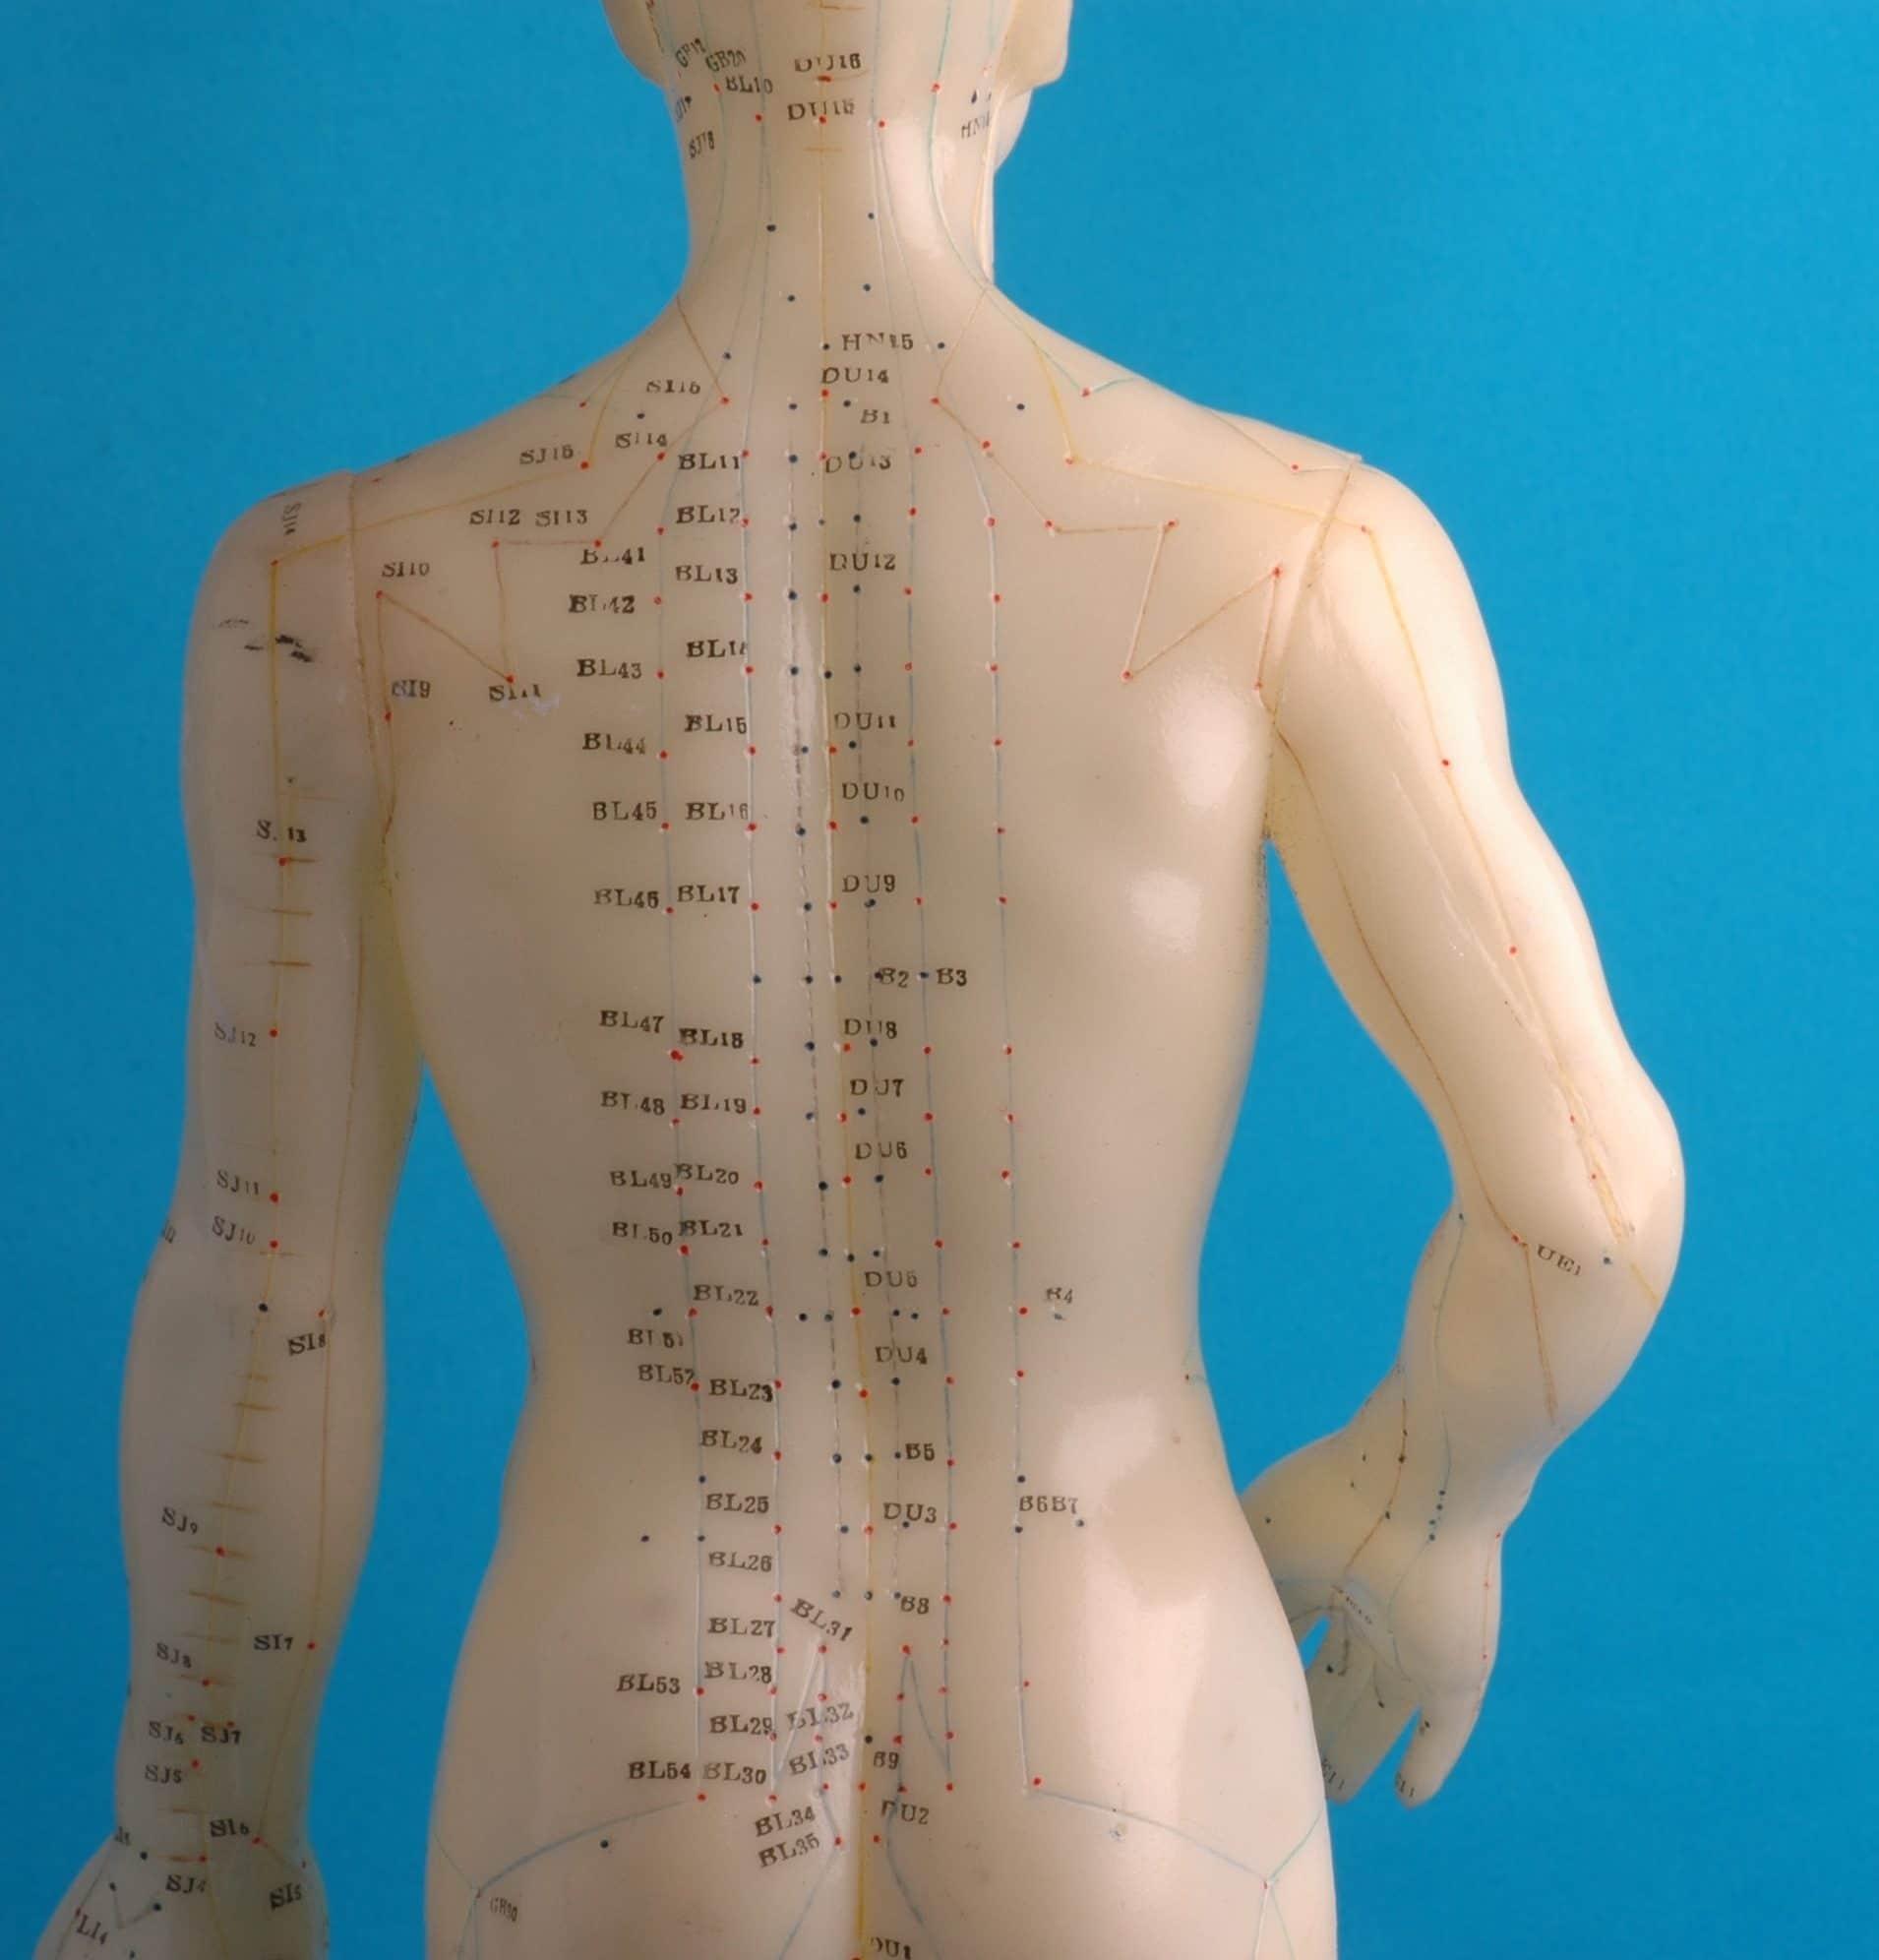 Acupuncture Back Diagram